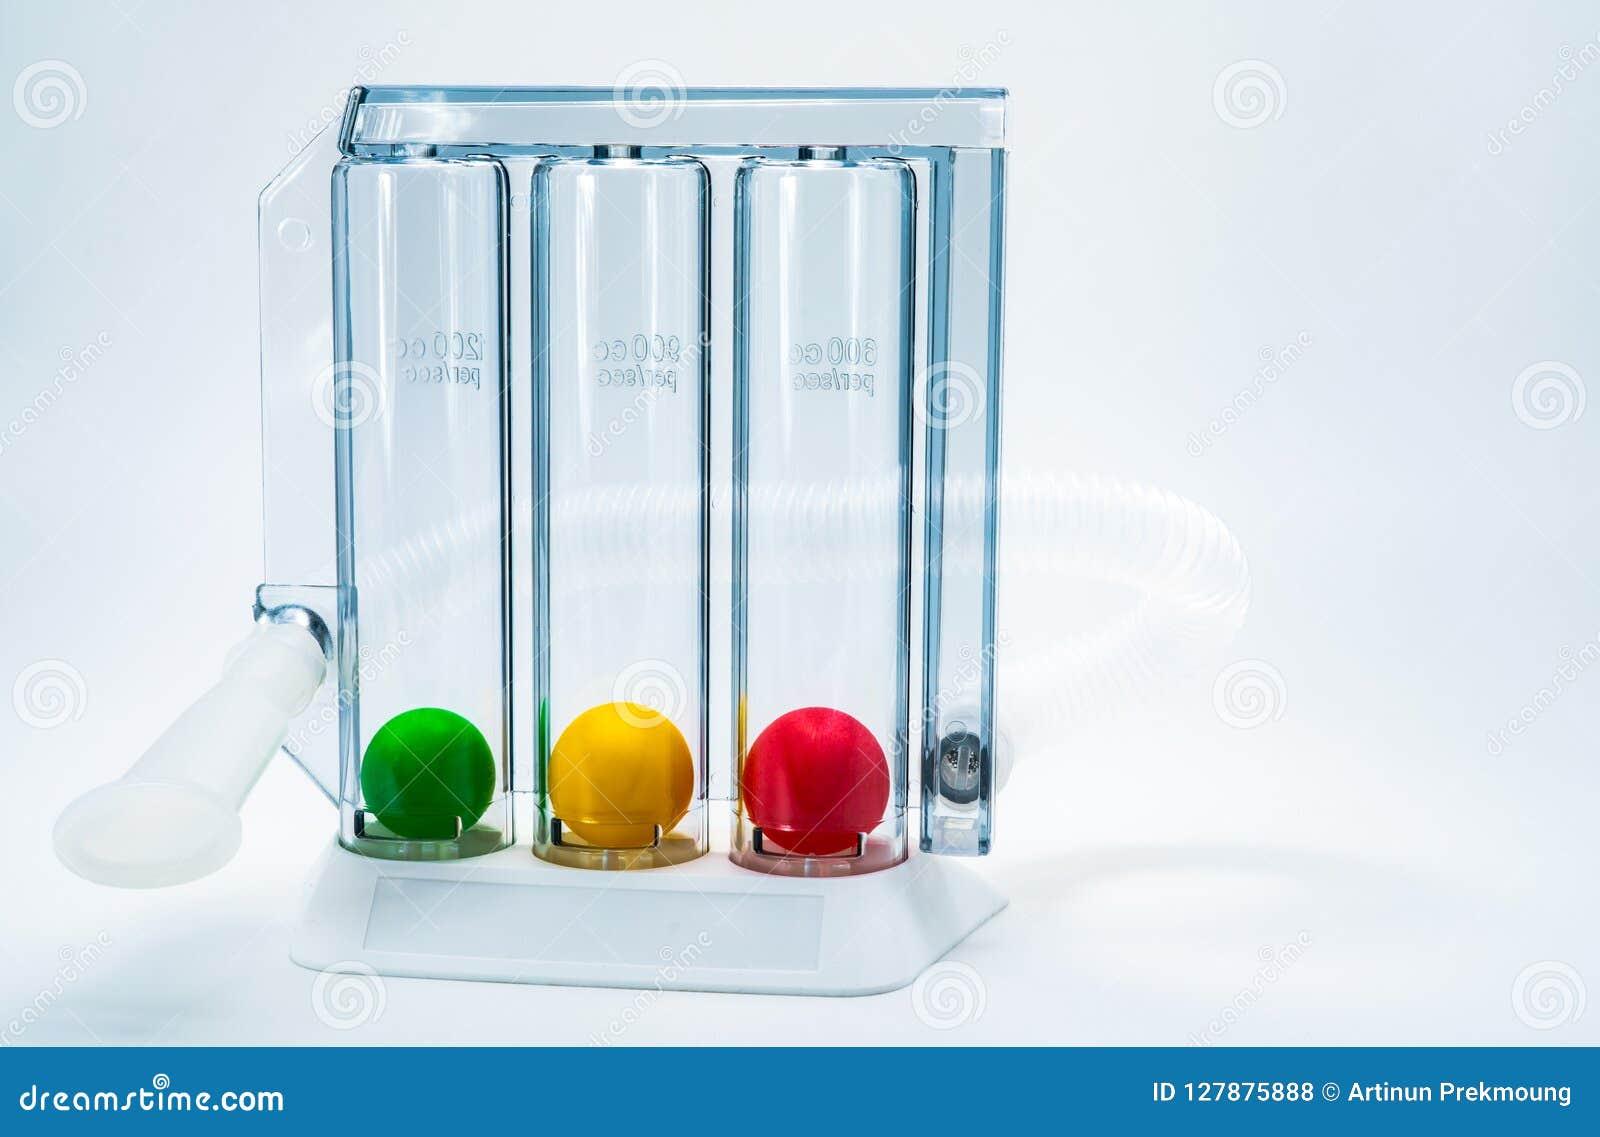 Apparaat om ademhaling door diepe inspiratie drievoudige kamer uit te oefenen Medische apparatuur voor ademhalingstherapie na chi